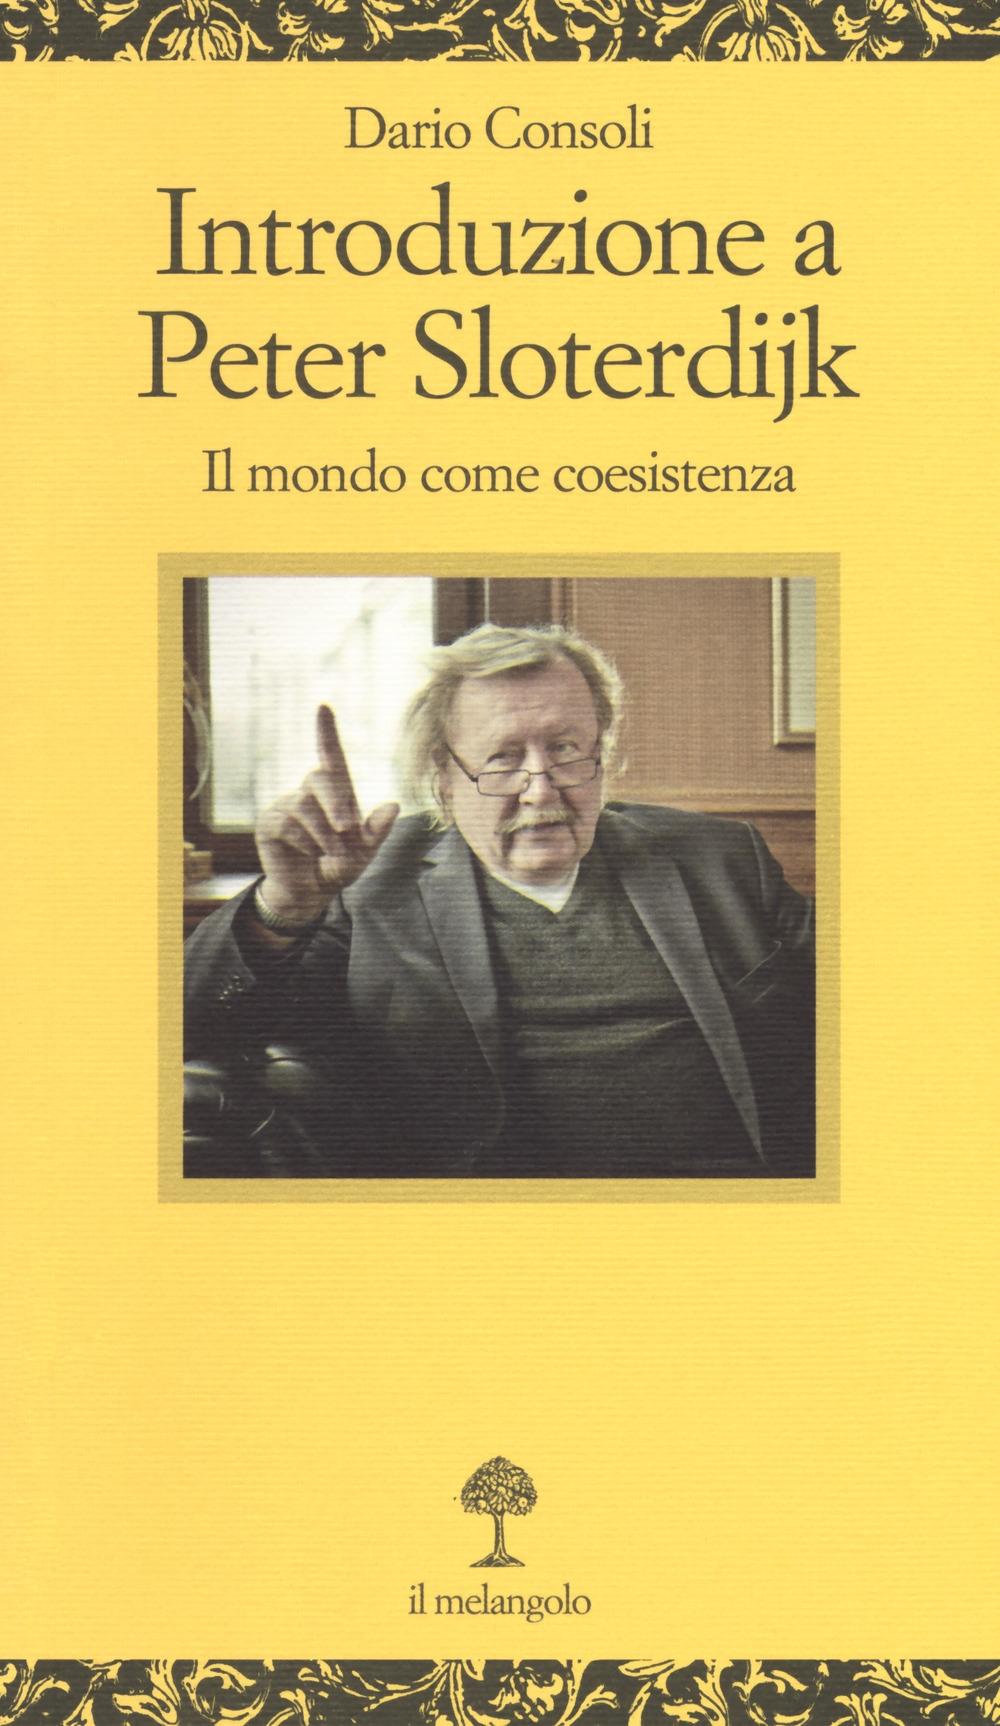 Introduzione a Peter Sloterdijk. Il mondo come coesistenza.